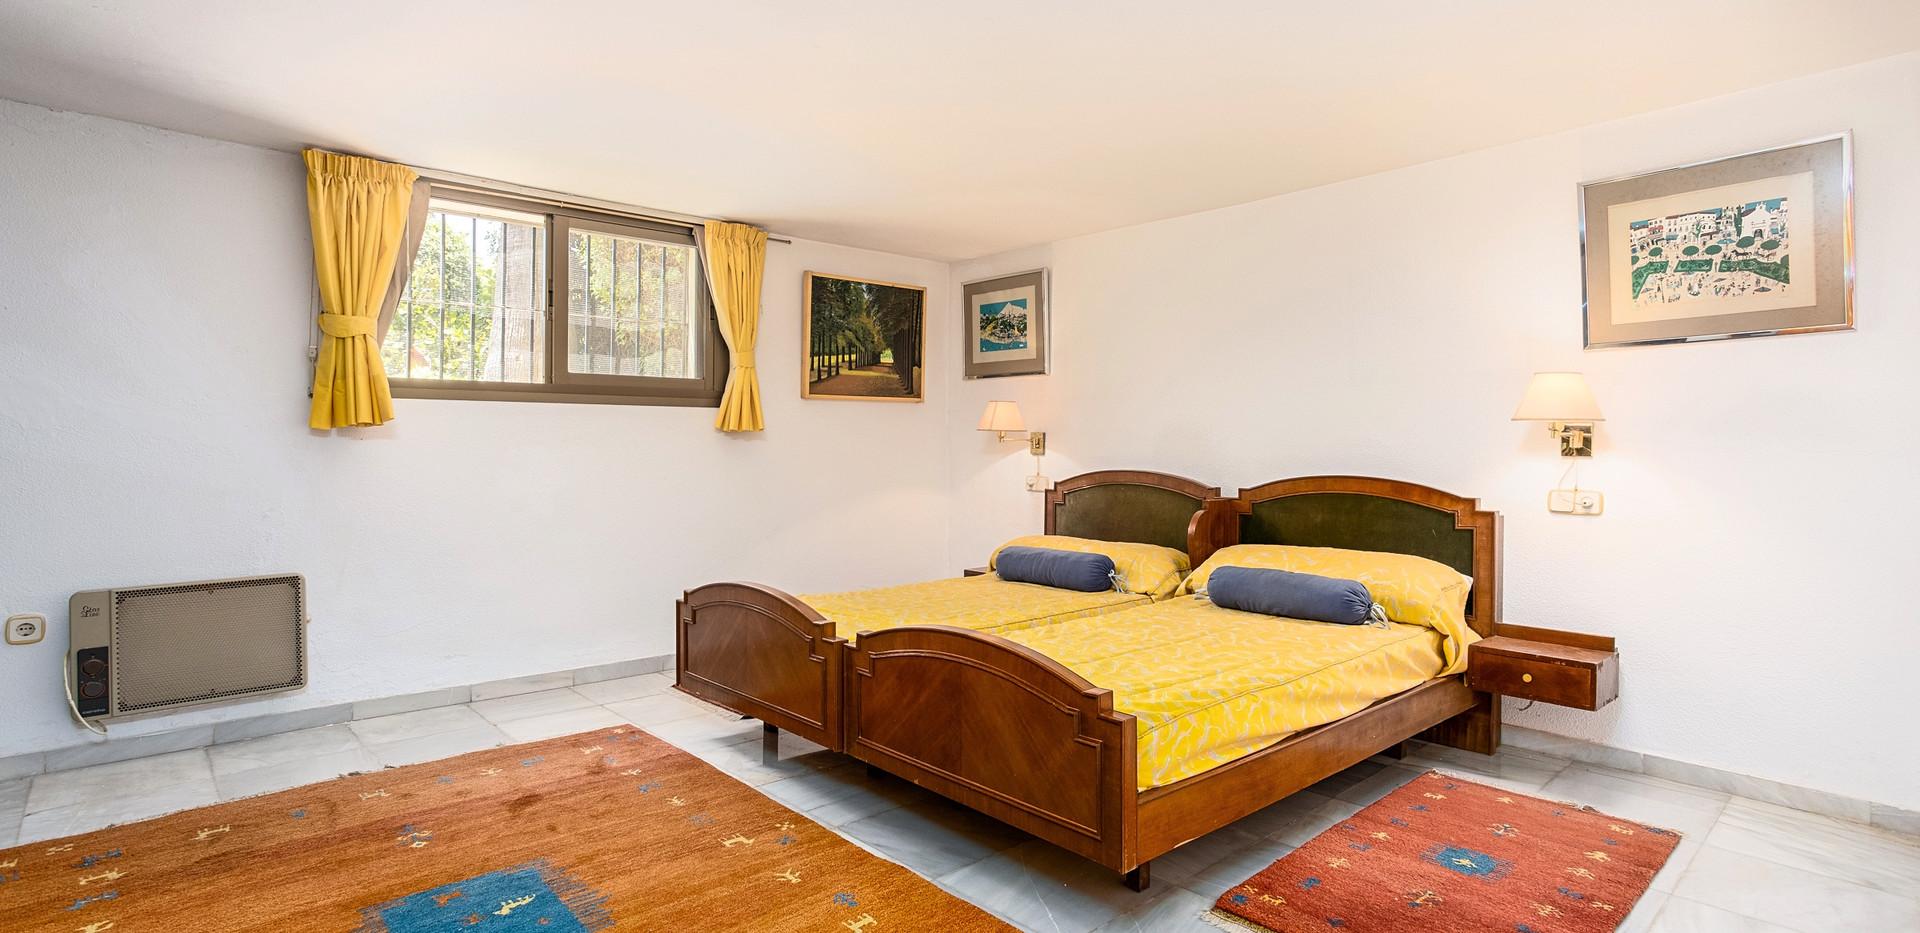 Villa El Bocho - Dormitorio 5_Fotor.jpg